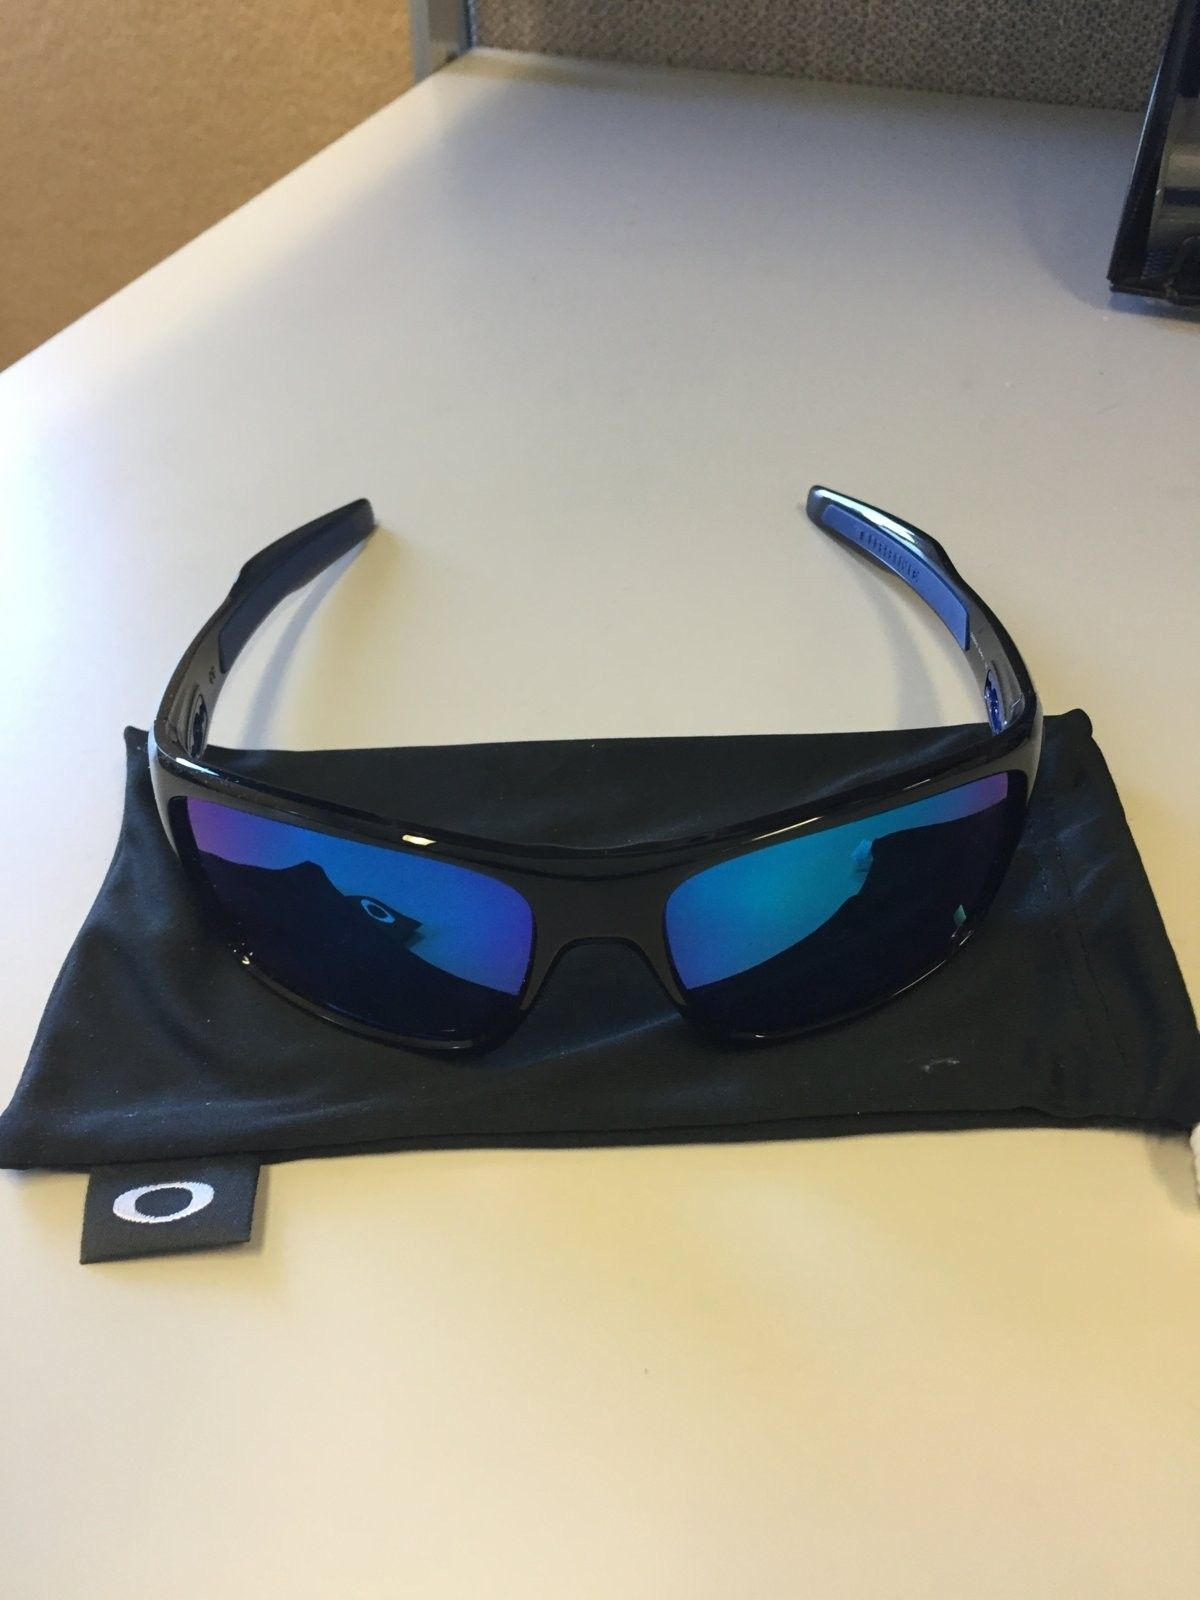 Mint Oakley Turbine Sunglasses Black Ink w/ Sapphire Iridium  $90 All In - IMG_1536.JPG